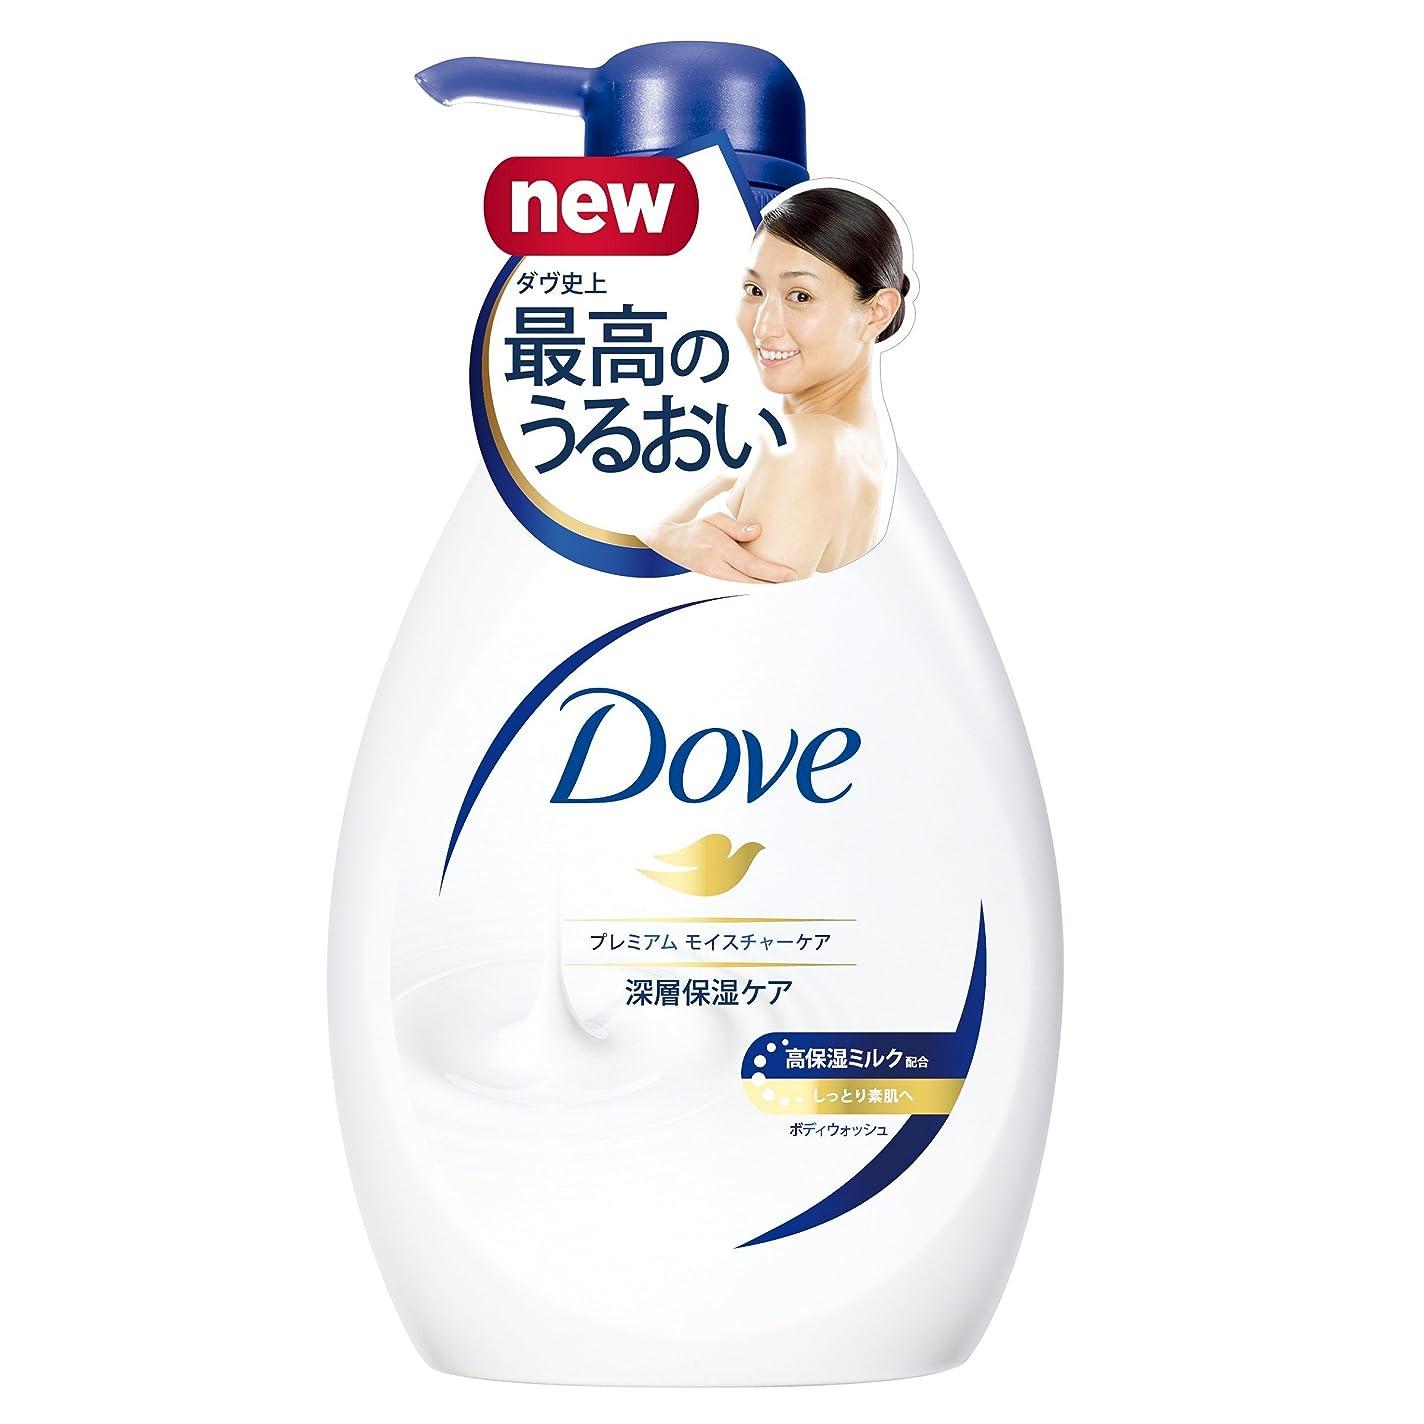 侵入アート補正Dove(ダヴ) ボディウォッシュ プレミアム モイスチャーケア ポンプ 500g